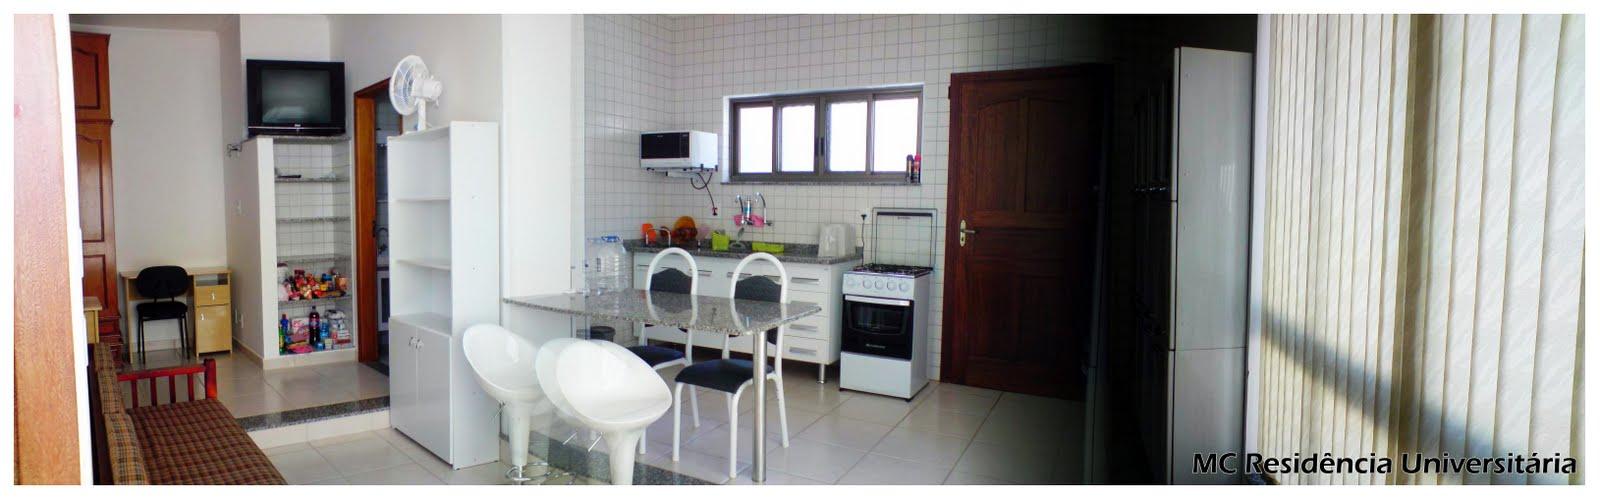 Sala Com Cozinha Simples Sala Com Cozinha Simples Fonte A